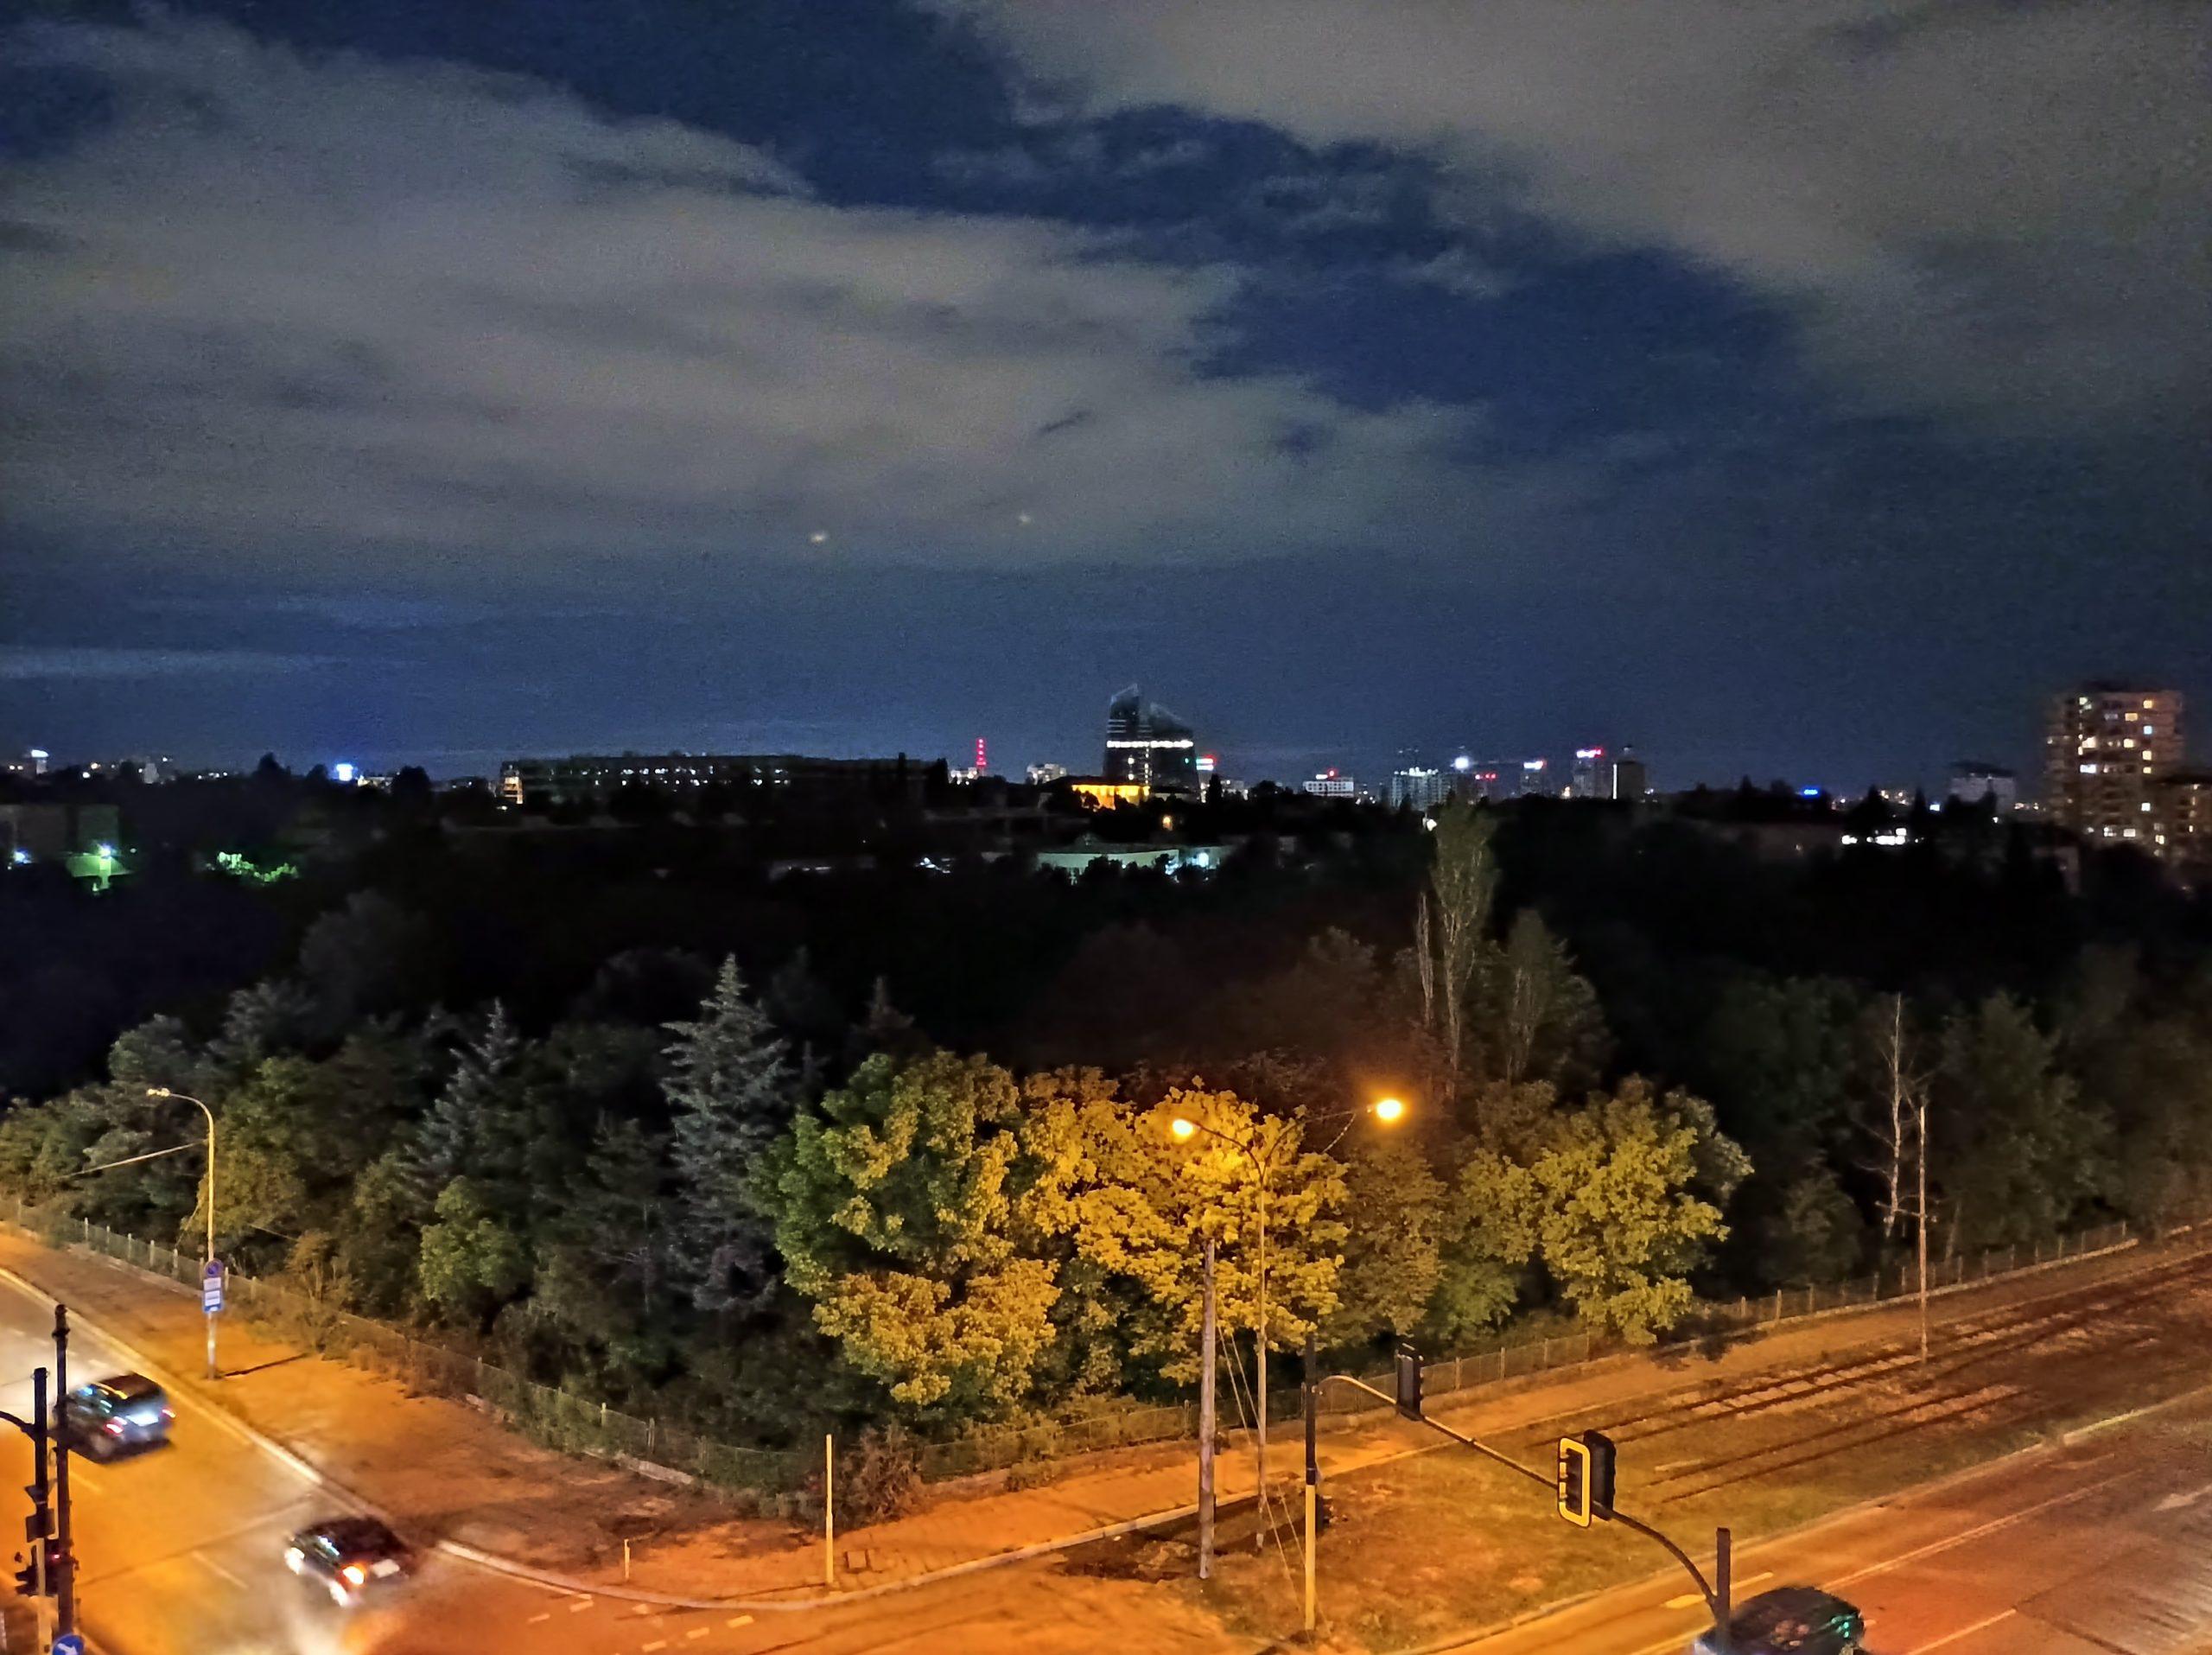 دوربین اصلی در شب با نایت مد. 3 scaled